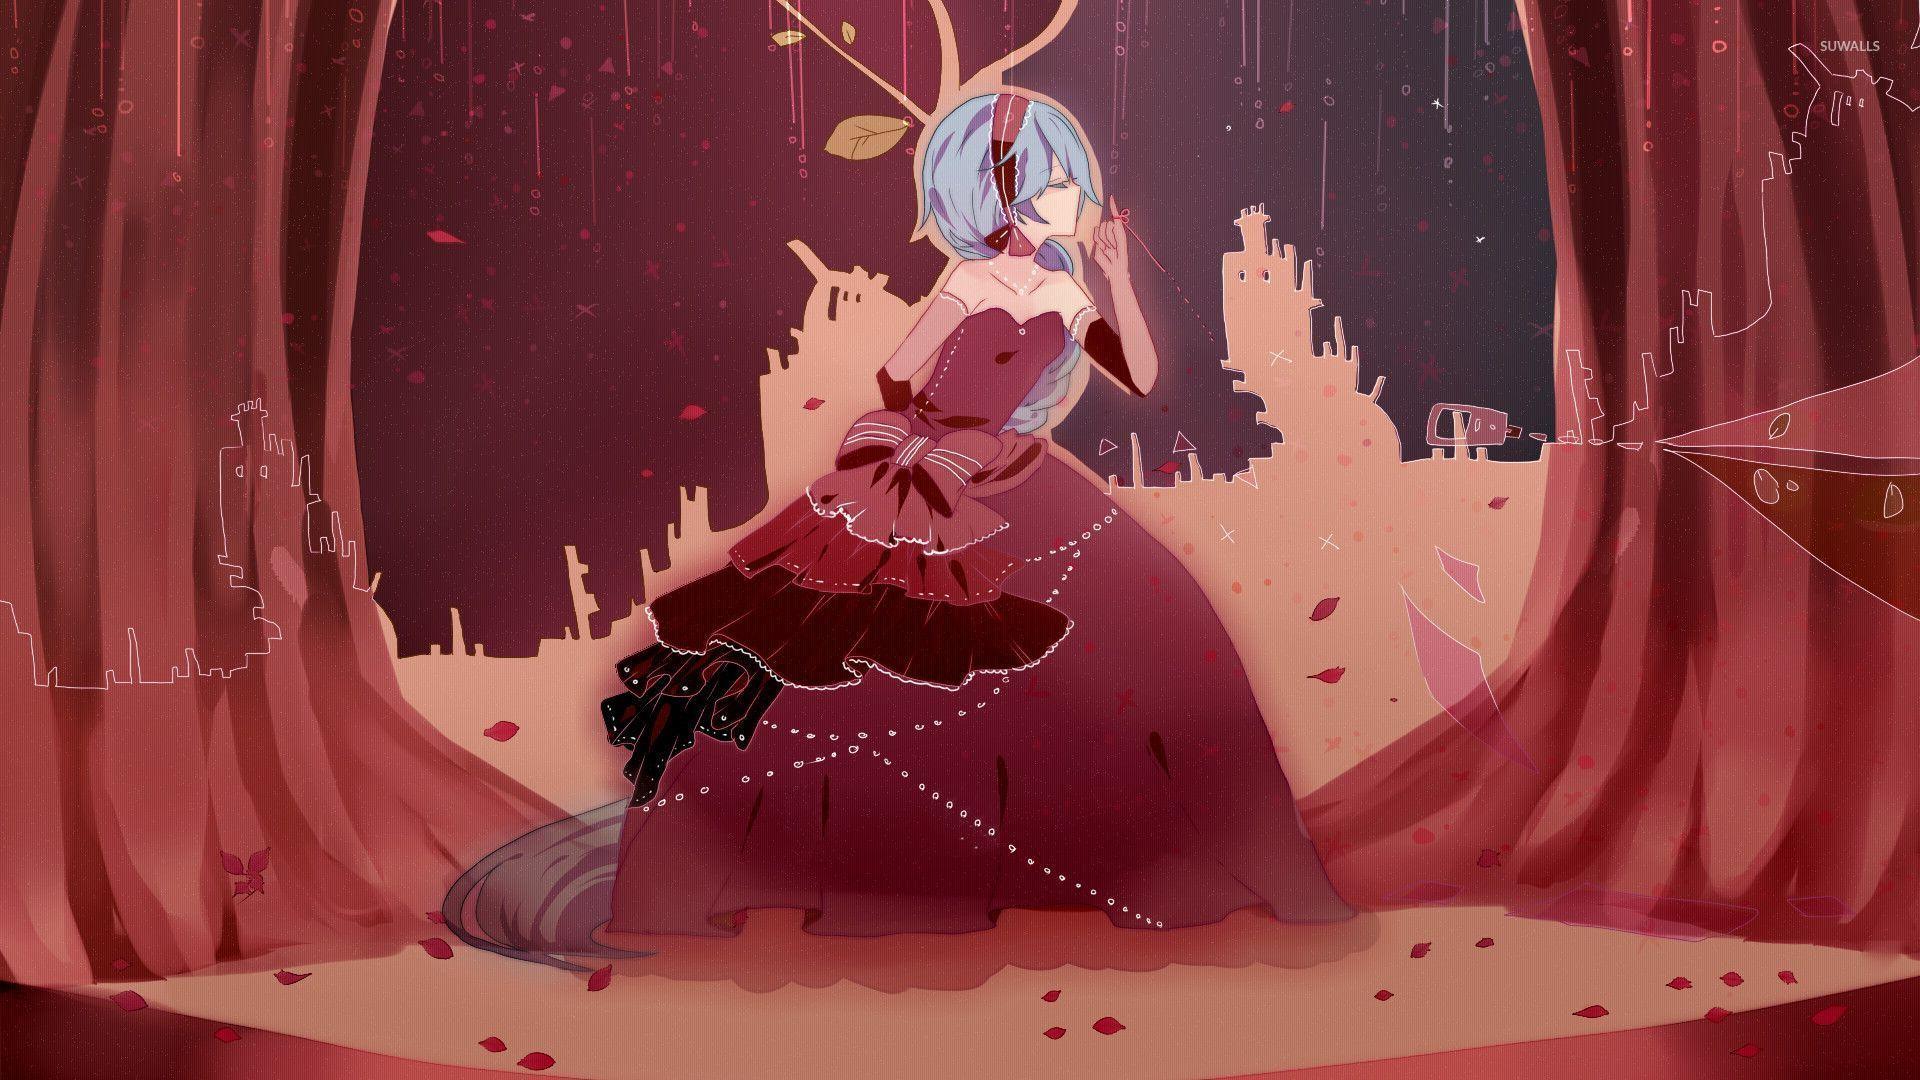 Tranh vẽ cô công chúa tóc xanh váy đỏ cực xinh